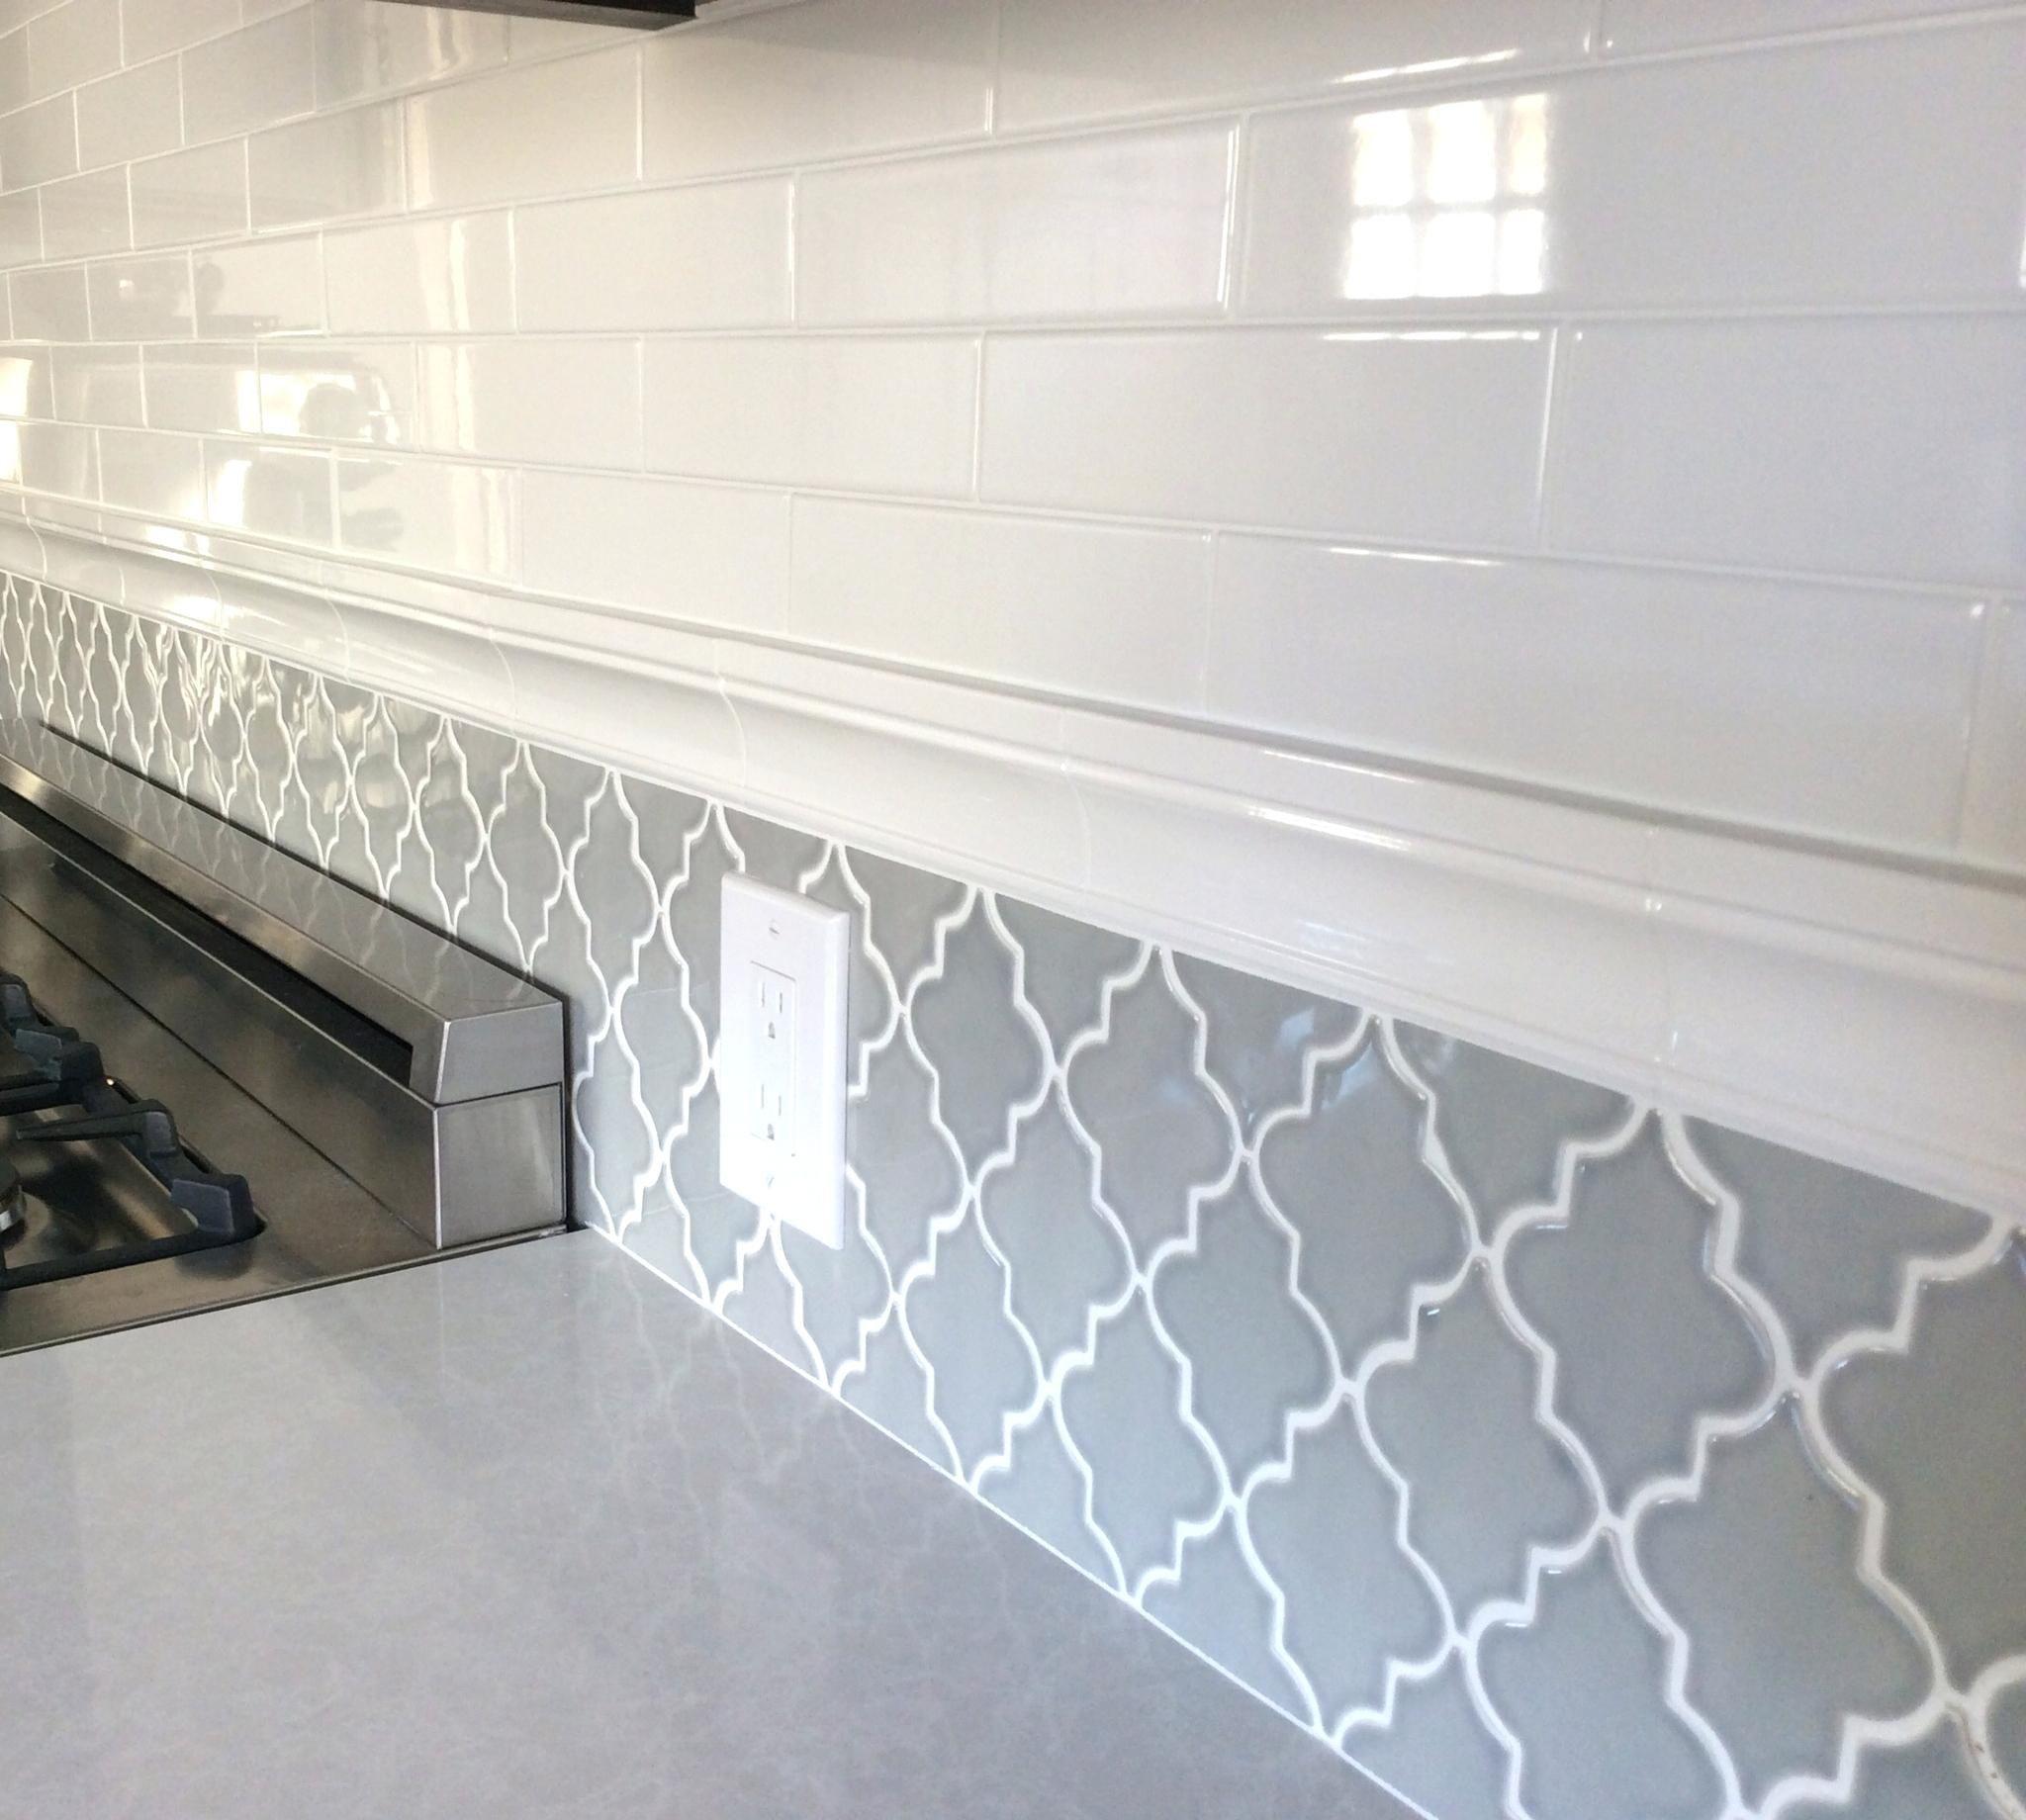 - Crackle Glass Tile Backsplash Interior Awesome Arabesque Tile Roman  Collection Full Size Of Arab… (With Images) Kitchen Tiles Backsplash, Backsplash  Tile Design, Kitchen Design